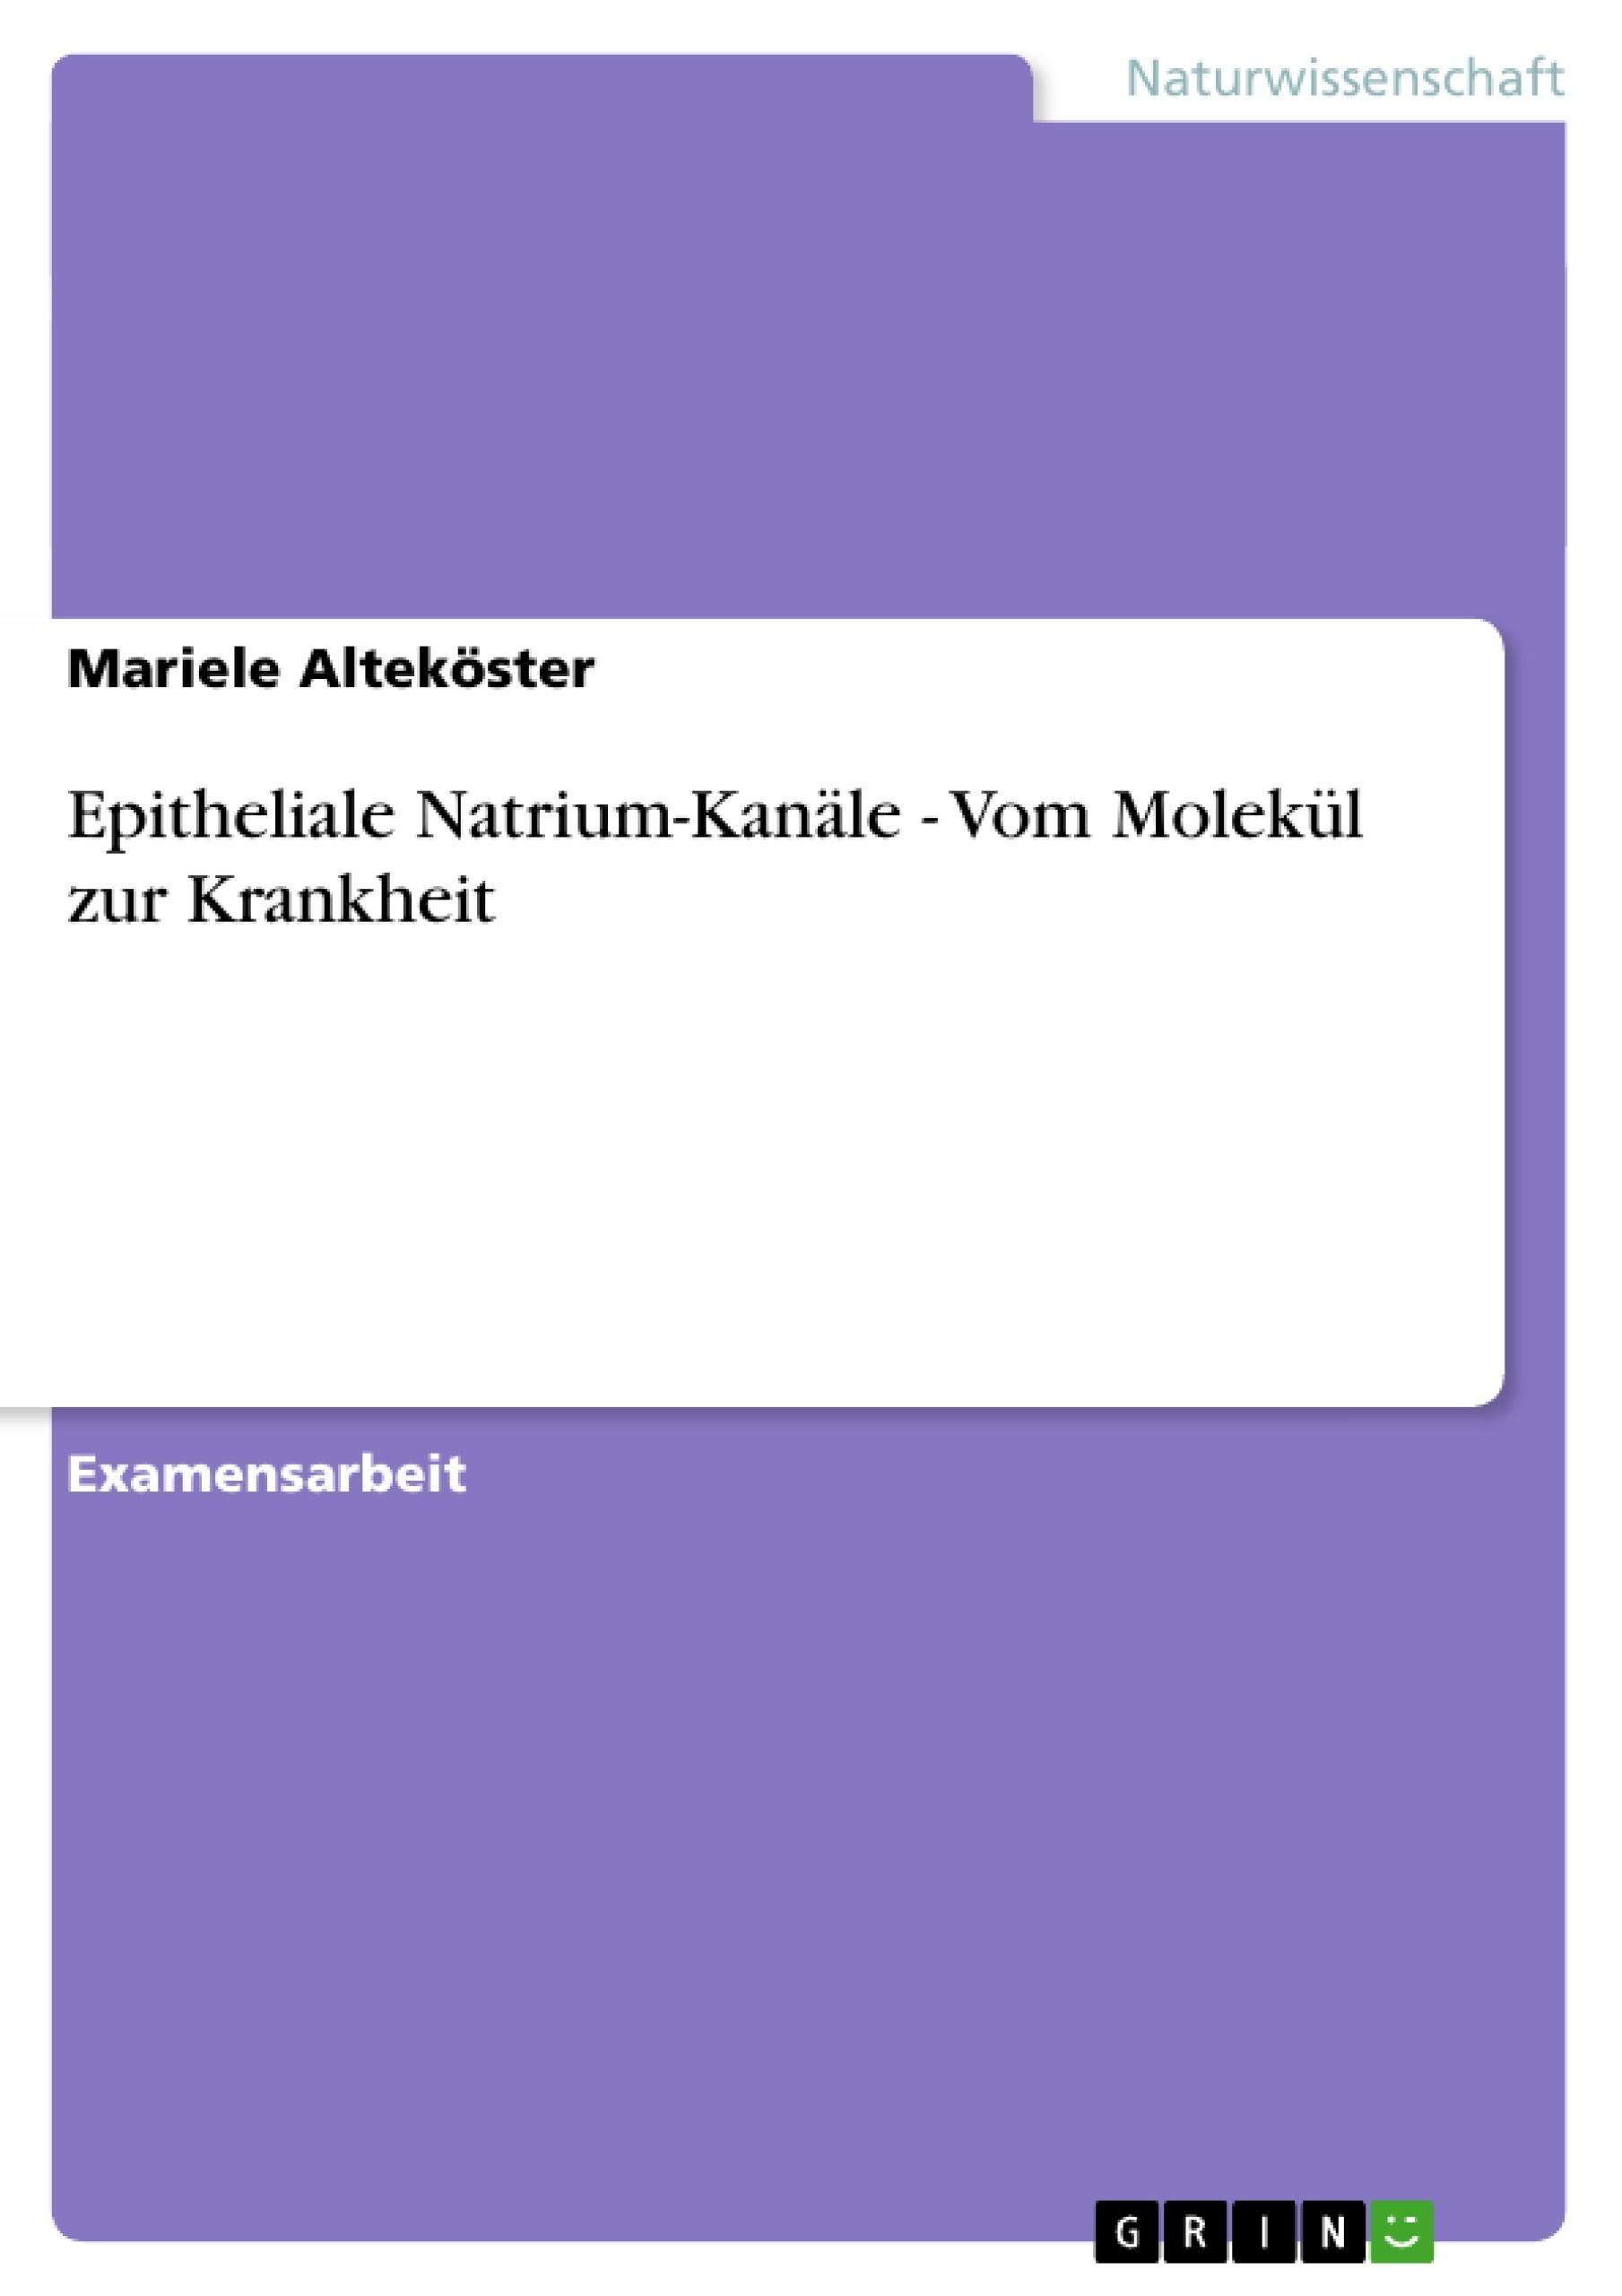 Titel: Epitheliale Natrium-Kanäle - Vom Molekül zur Krankheit